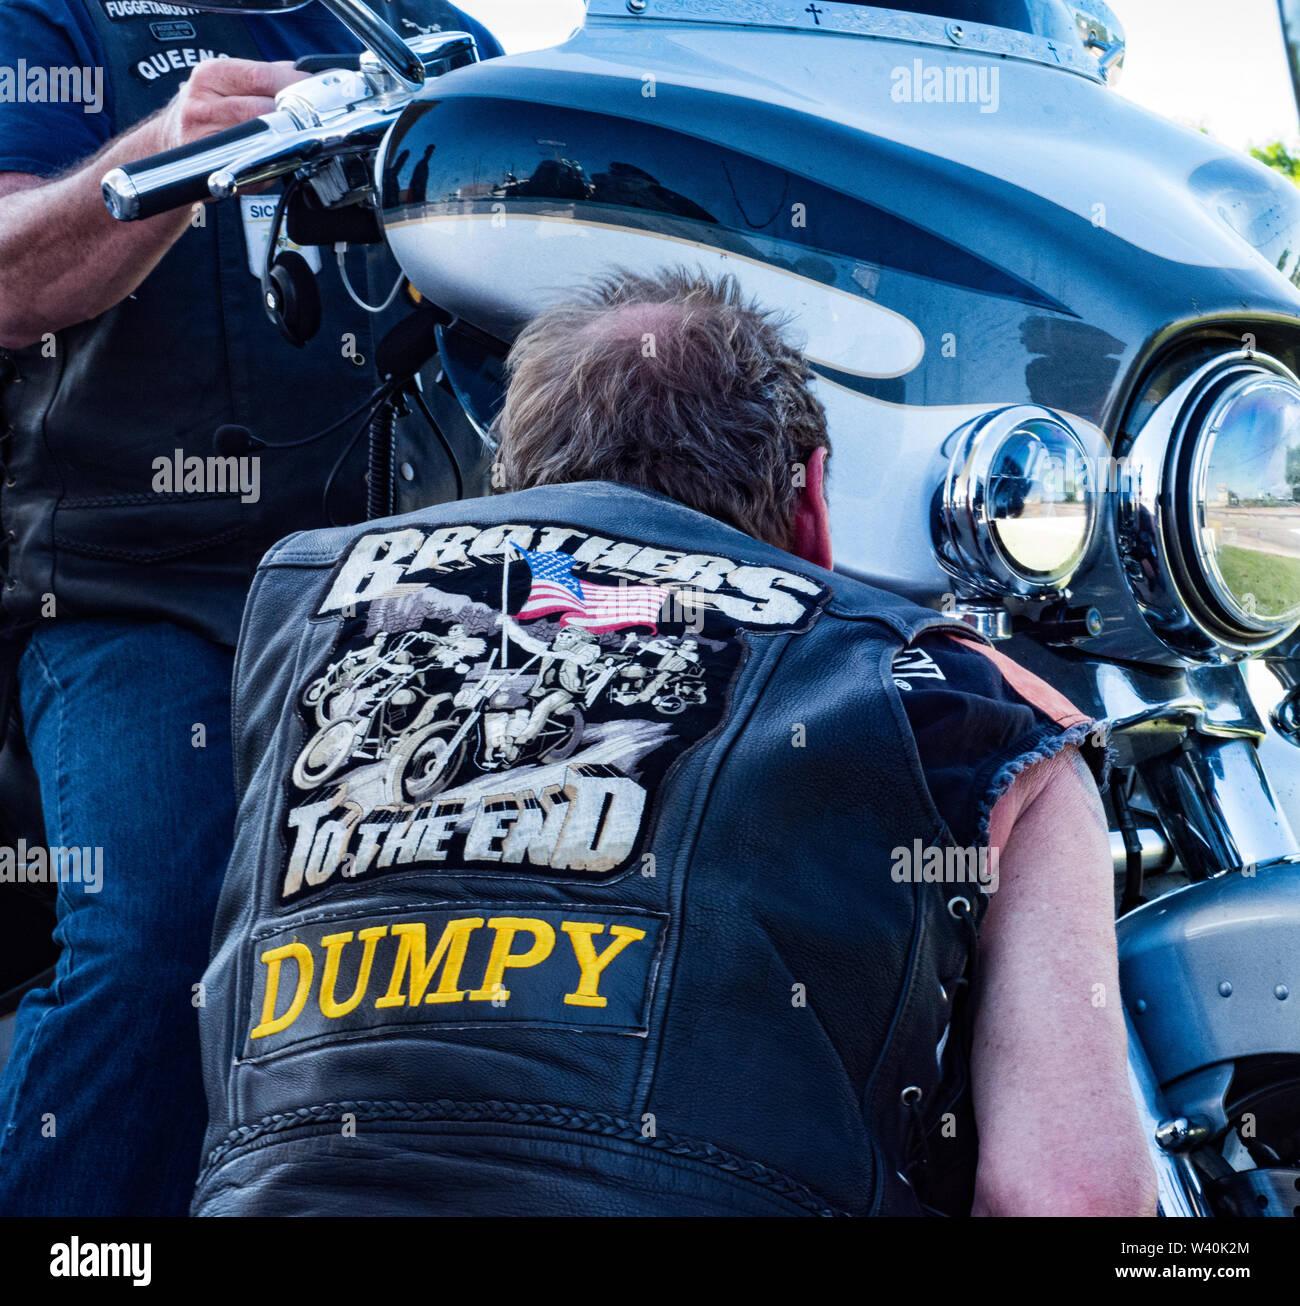 Since 1988 Biker Patch ricamate anno MC moto rocker tonaca Club numero dal